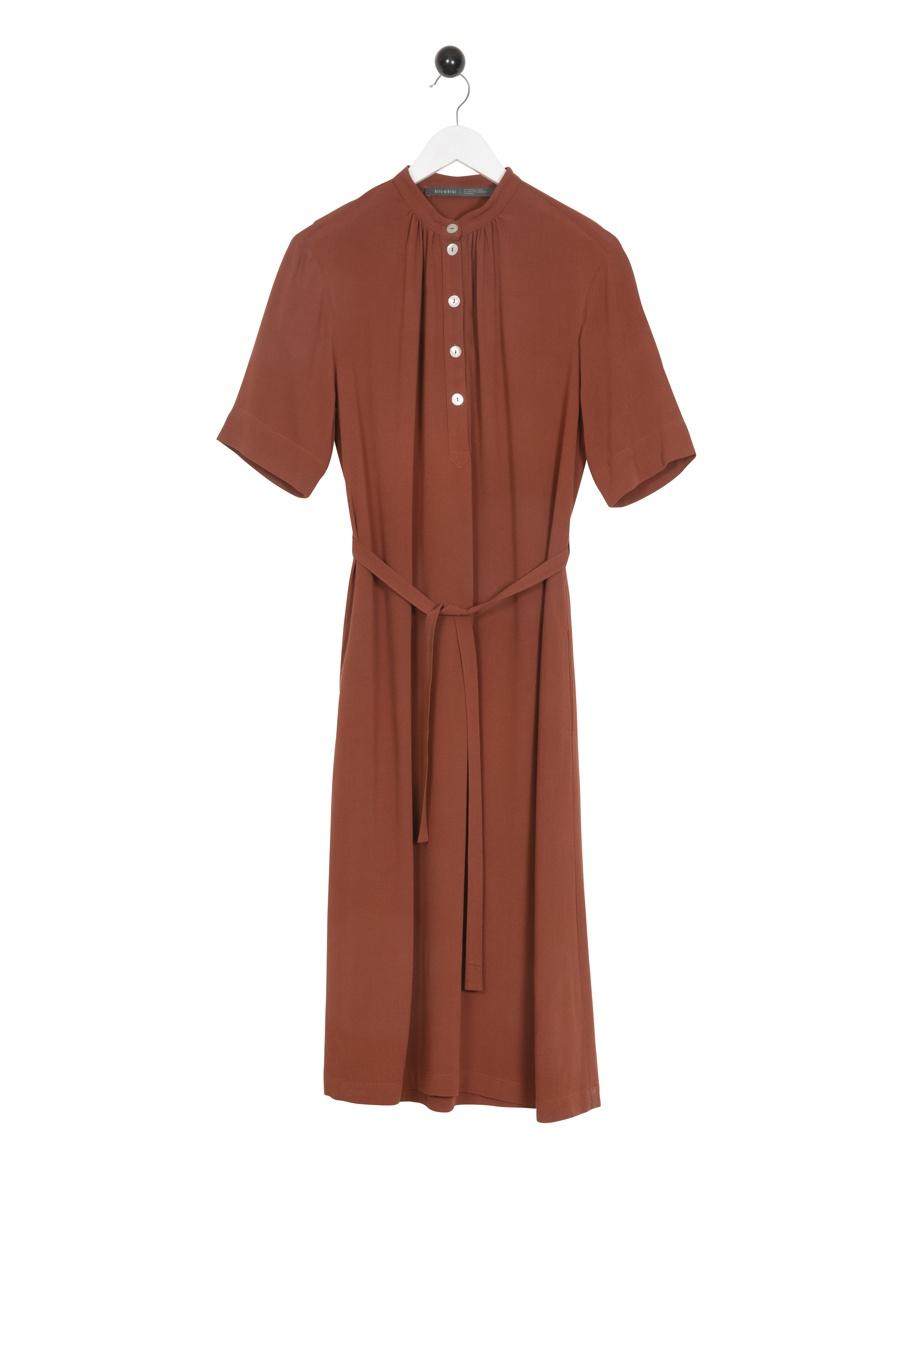 Skillinge Dress